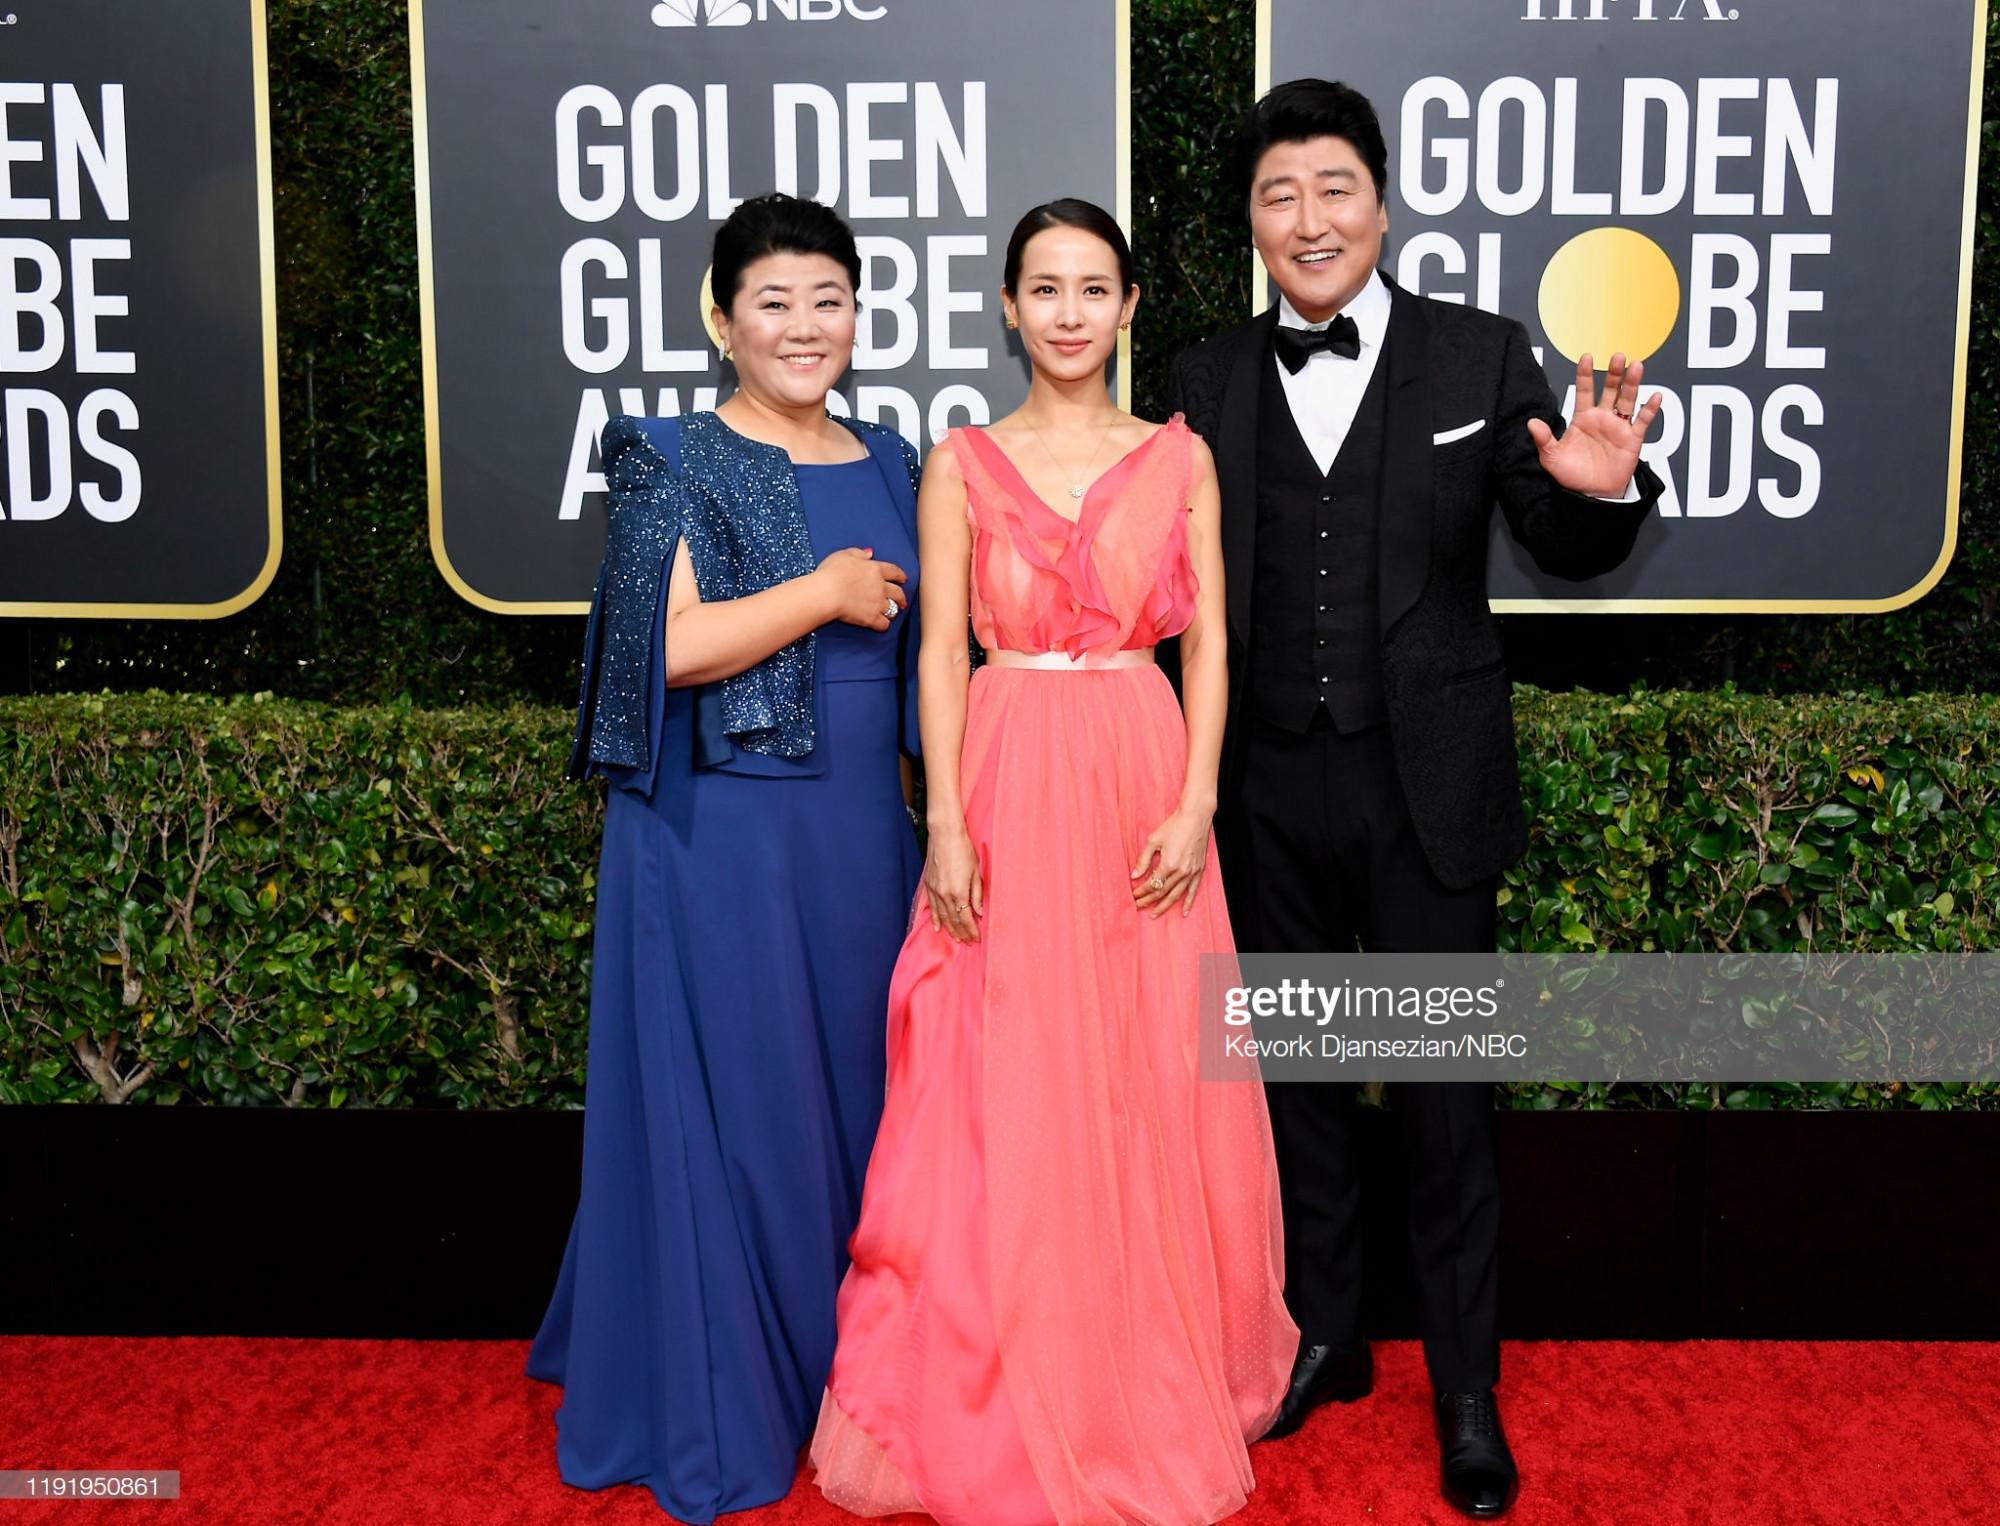 Đoàn làm phim Ký sinh trùng Lee Jung Eun, Yeo Jeong Jo và Kang Ho Song trên thảm đỏ. Khác với vẻ sexy thường thấy, Yeo Jeong Jo lựa chọn bộ cánh hồng nhẹ nhàng cùng tông trang điểm nhã nhặn nhận được nhiều lời khen.Tại Quả cầu vàng 2020, Ký sinh trùng đang là ứng viên số 1 cho hạng mục Phim nước ngoài hay nhất.